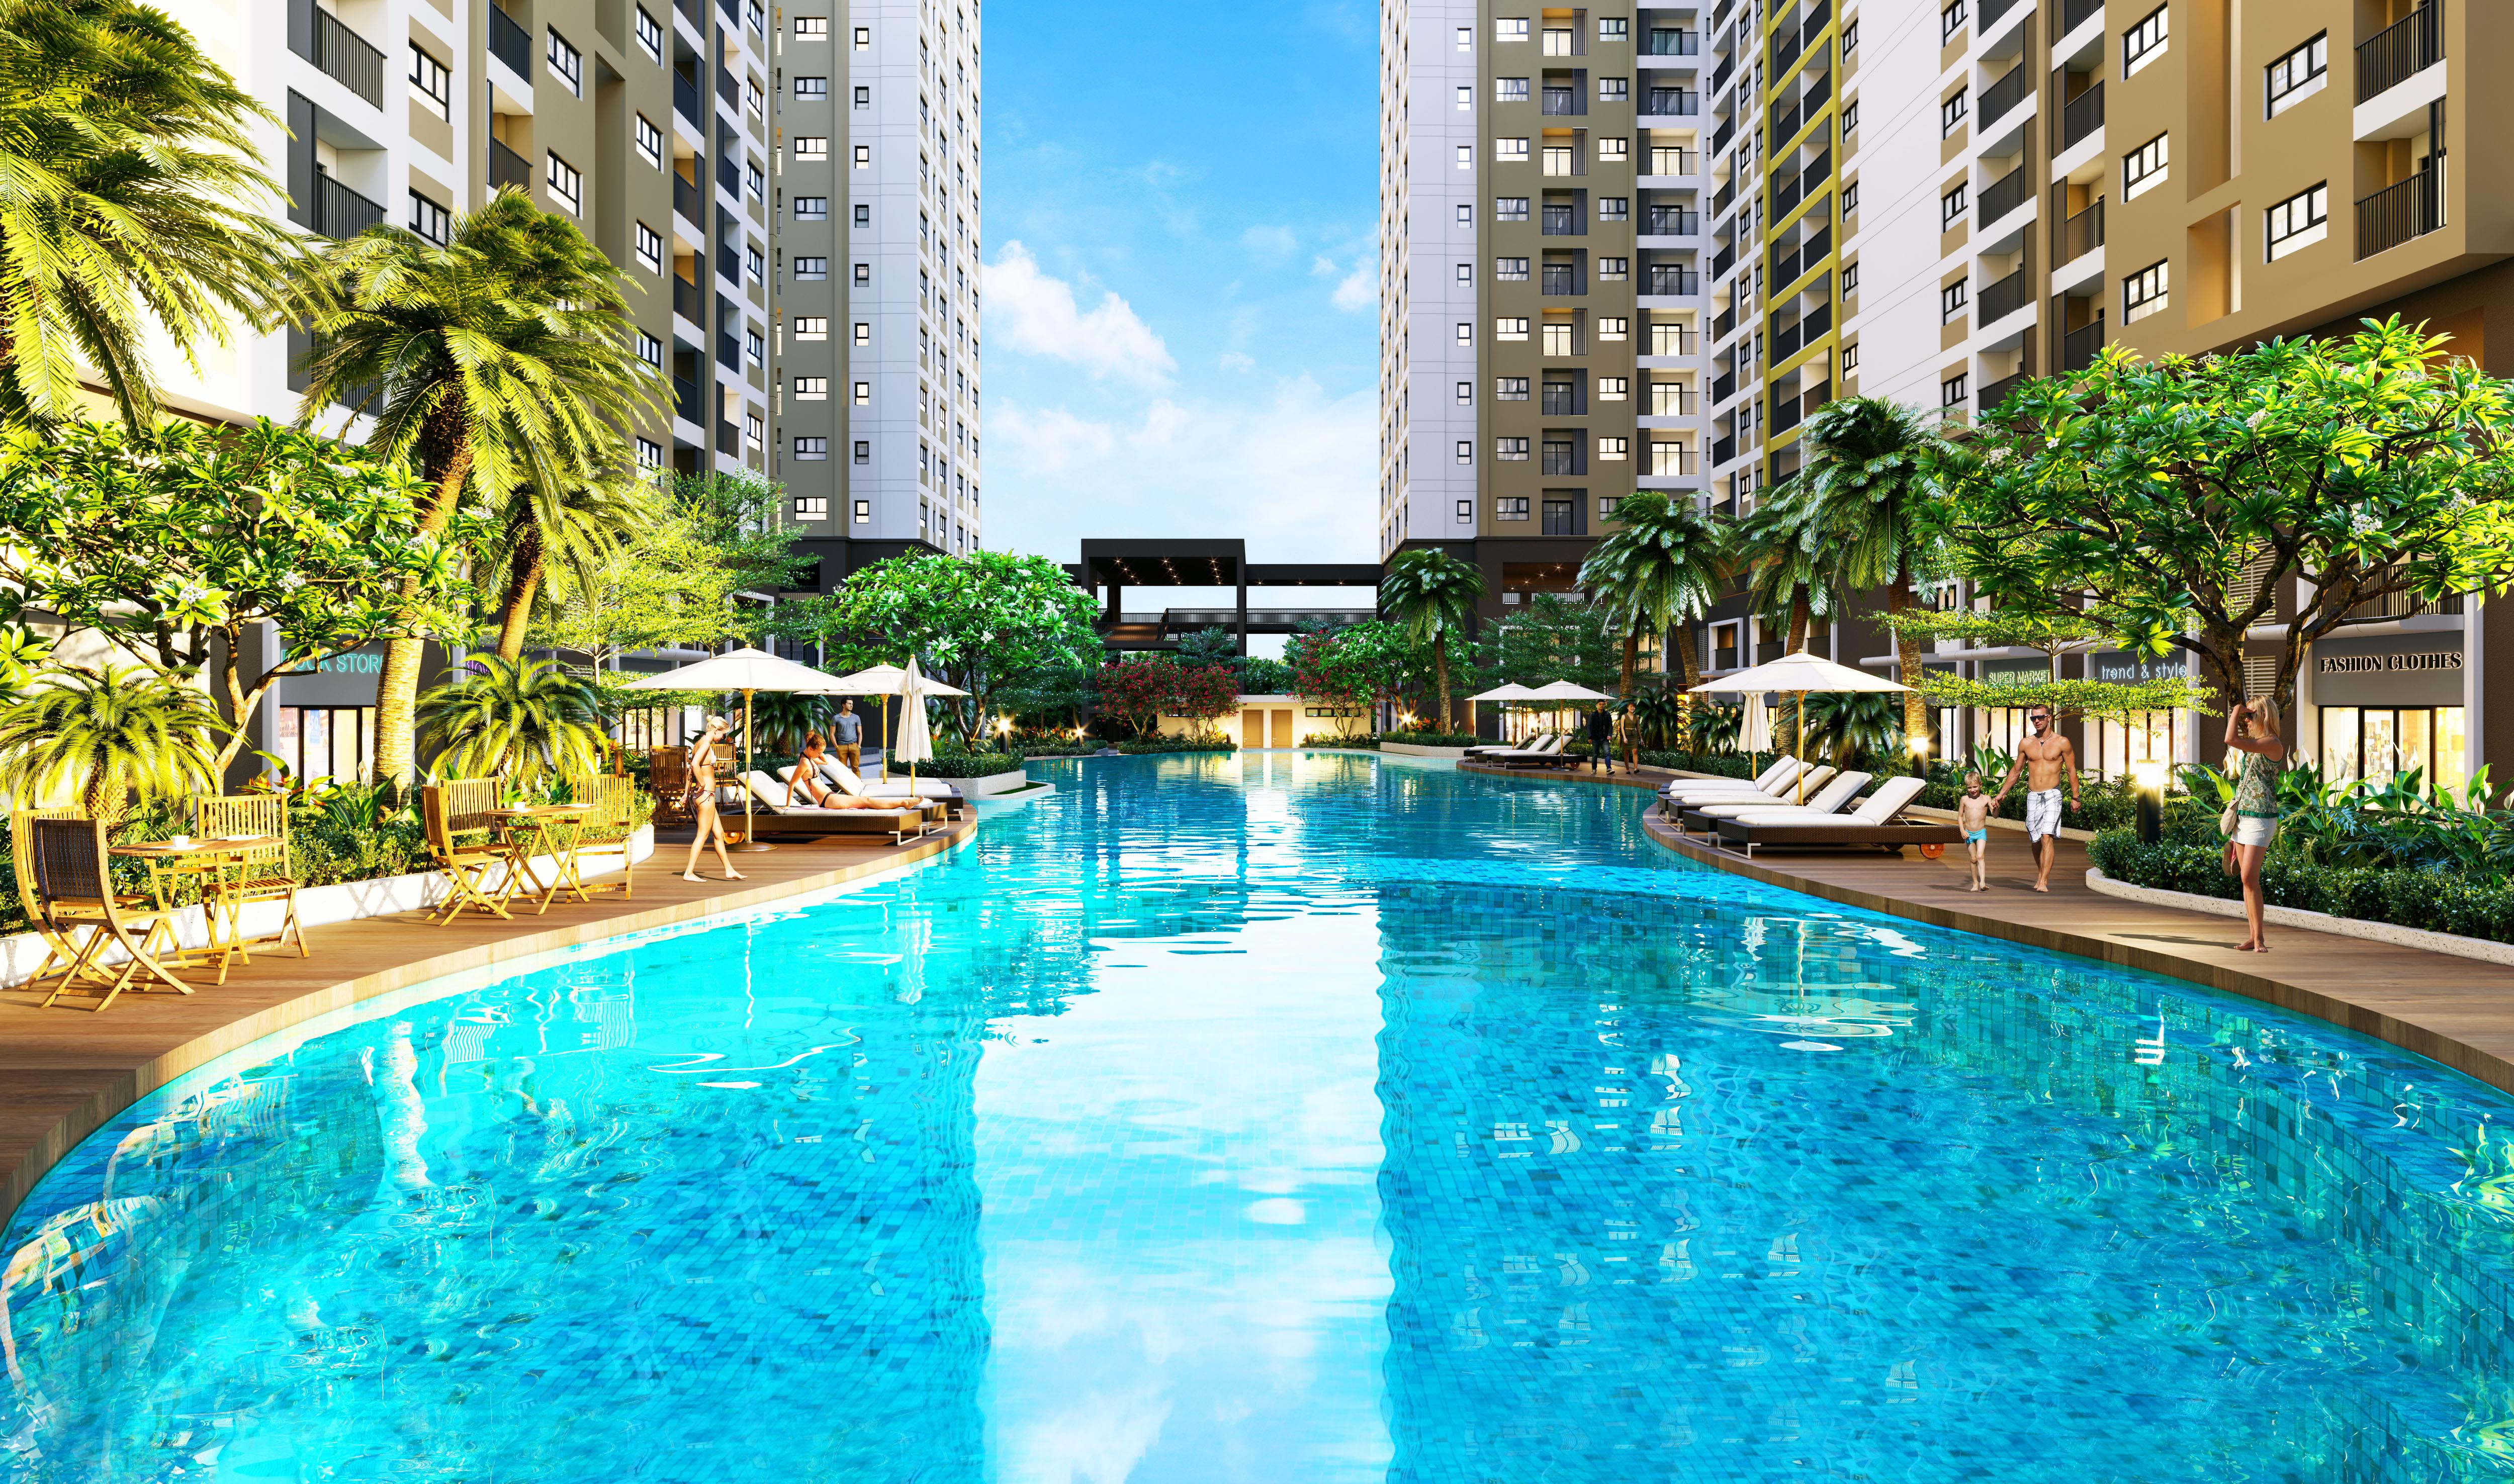 Hồ bơi được thiết kế uốn lượn, tạo cảm giác hài hòa và gần gũi với thiên nhiên